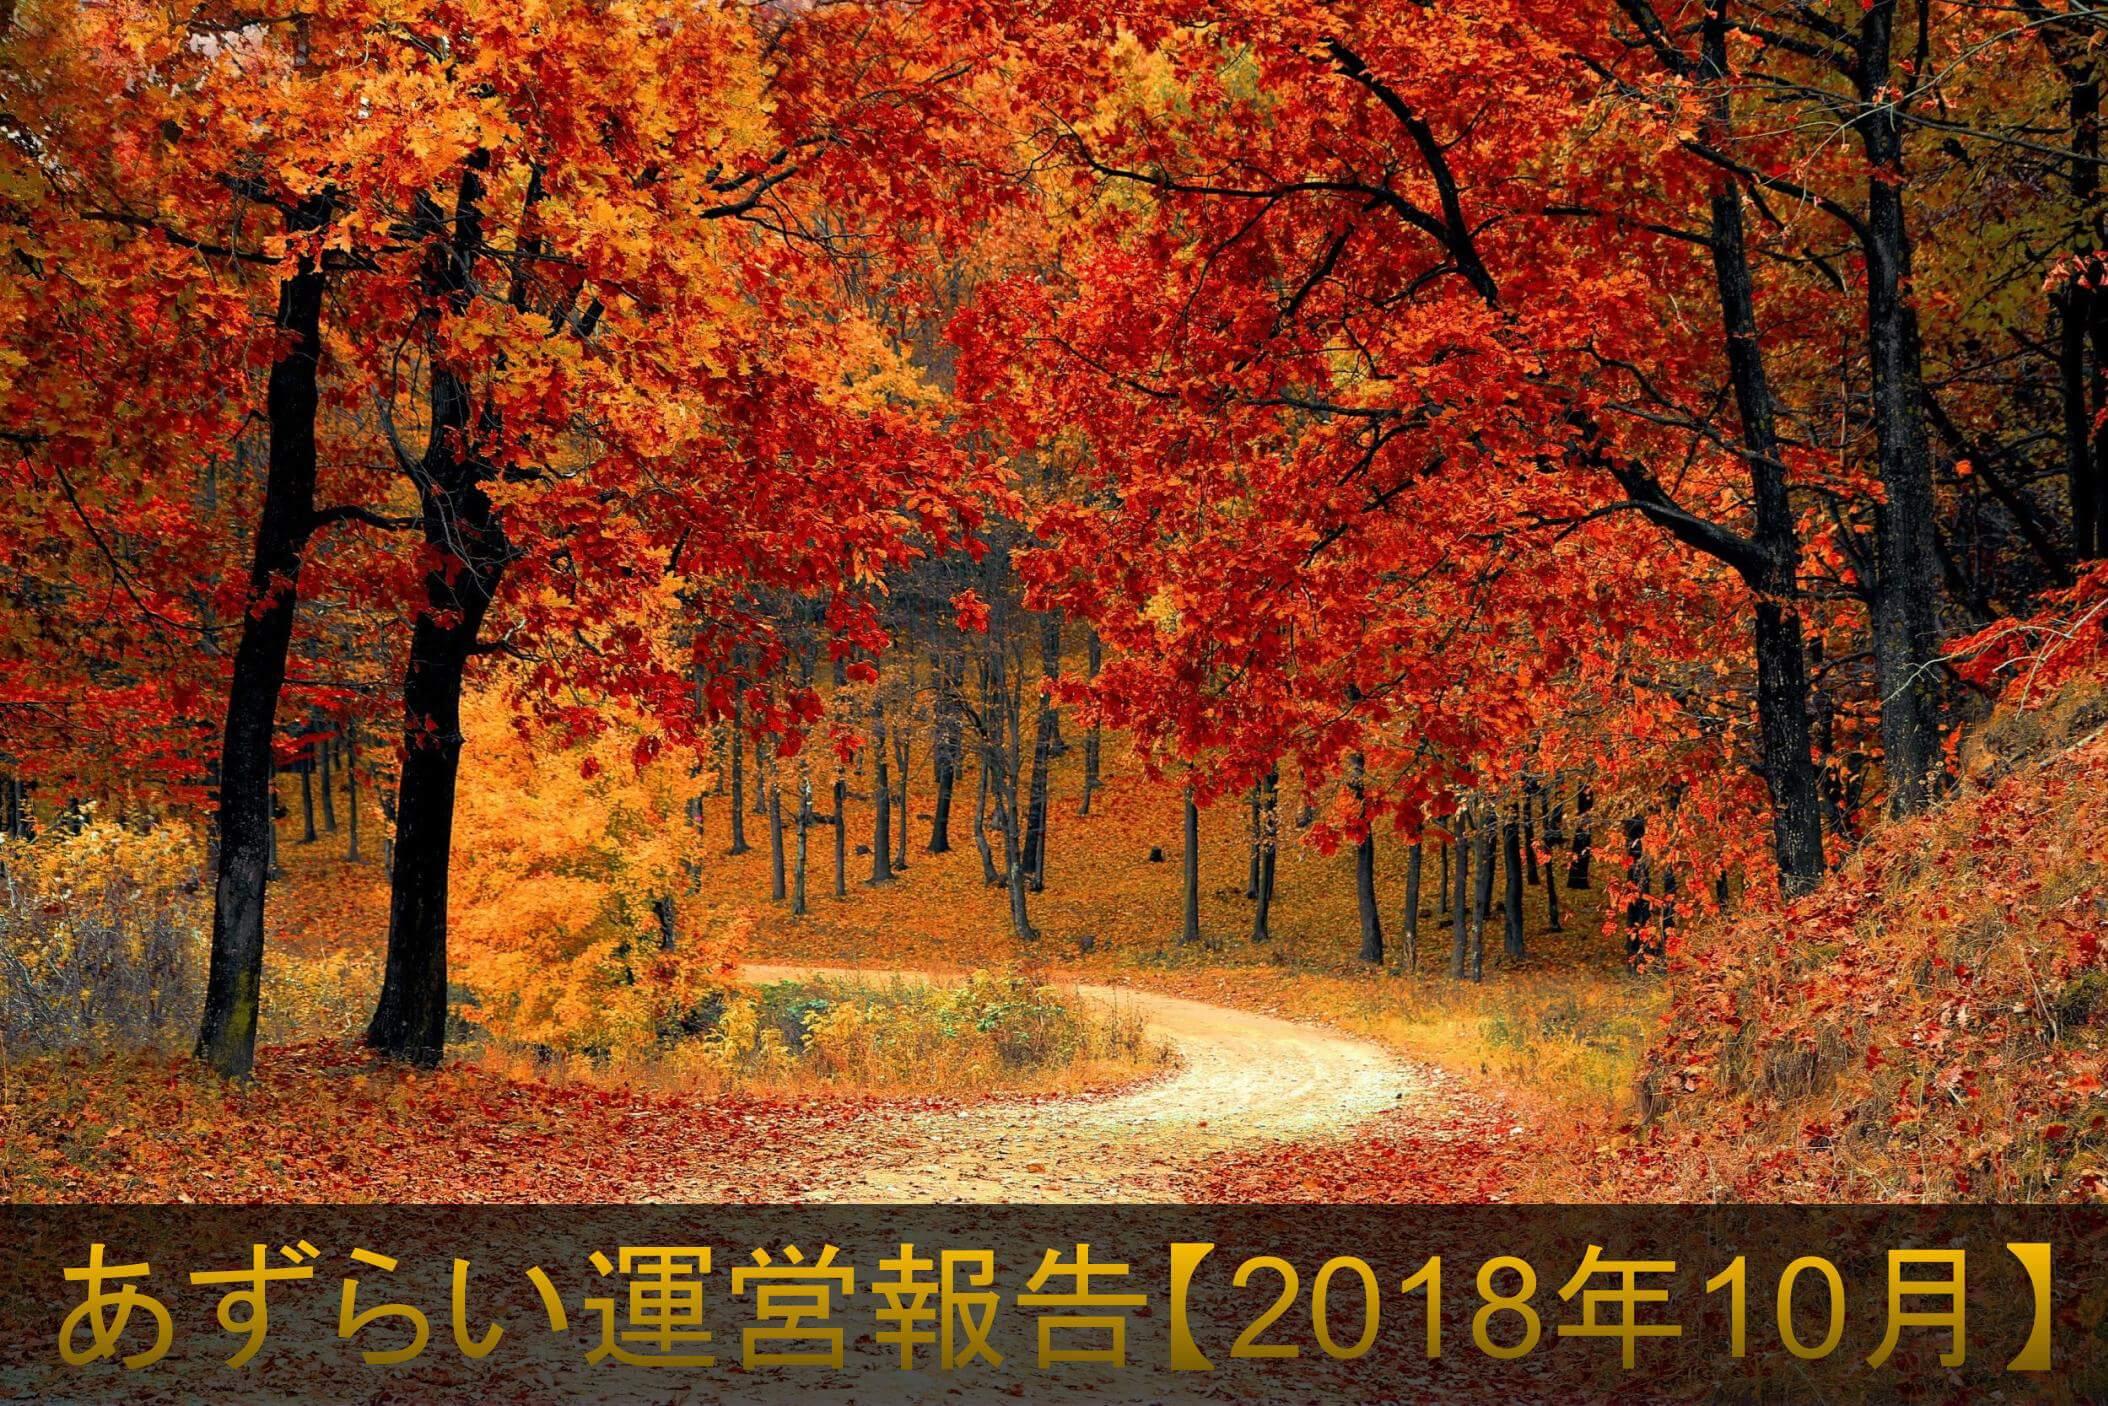 紅葉が美しい森 あずらい運営報告【2018年10月】